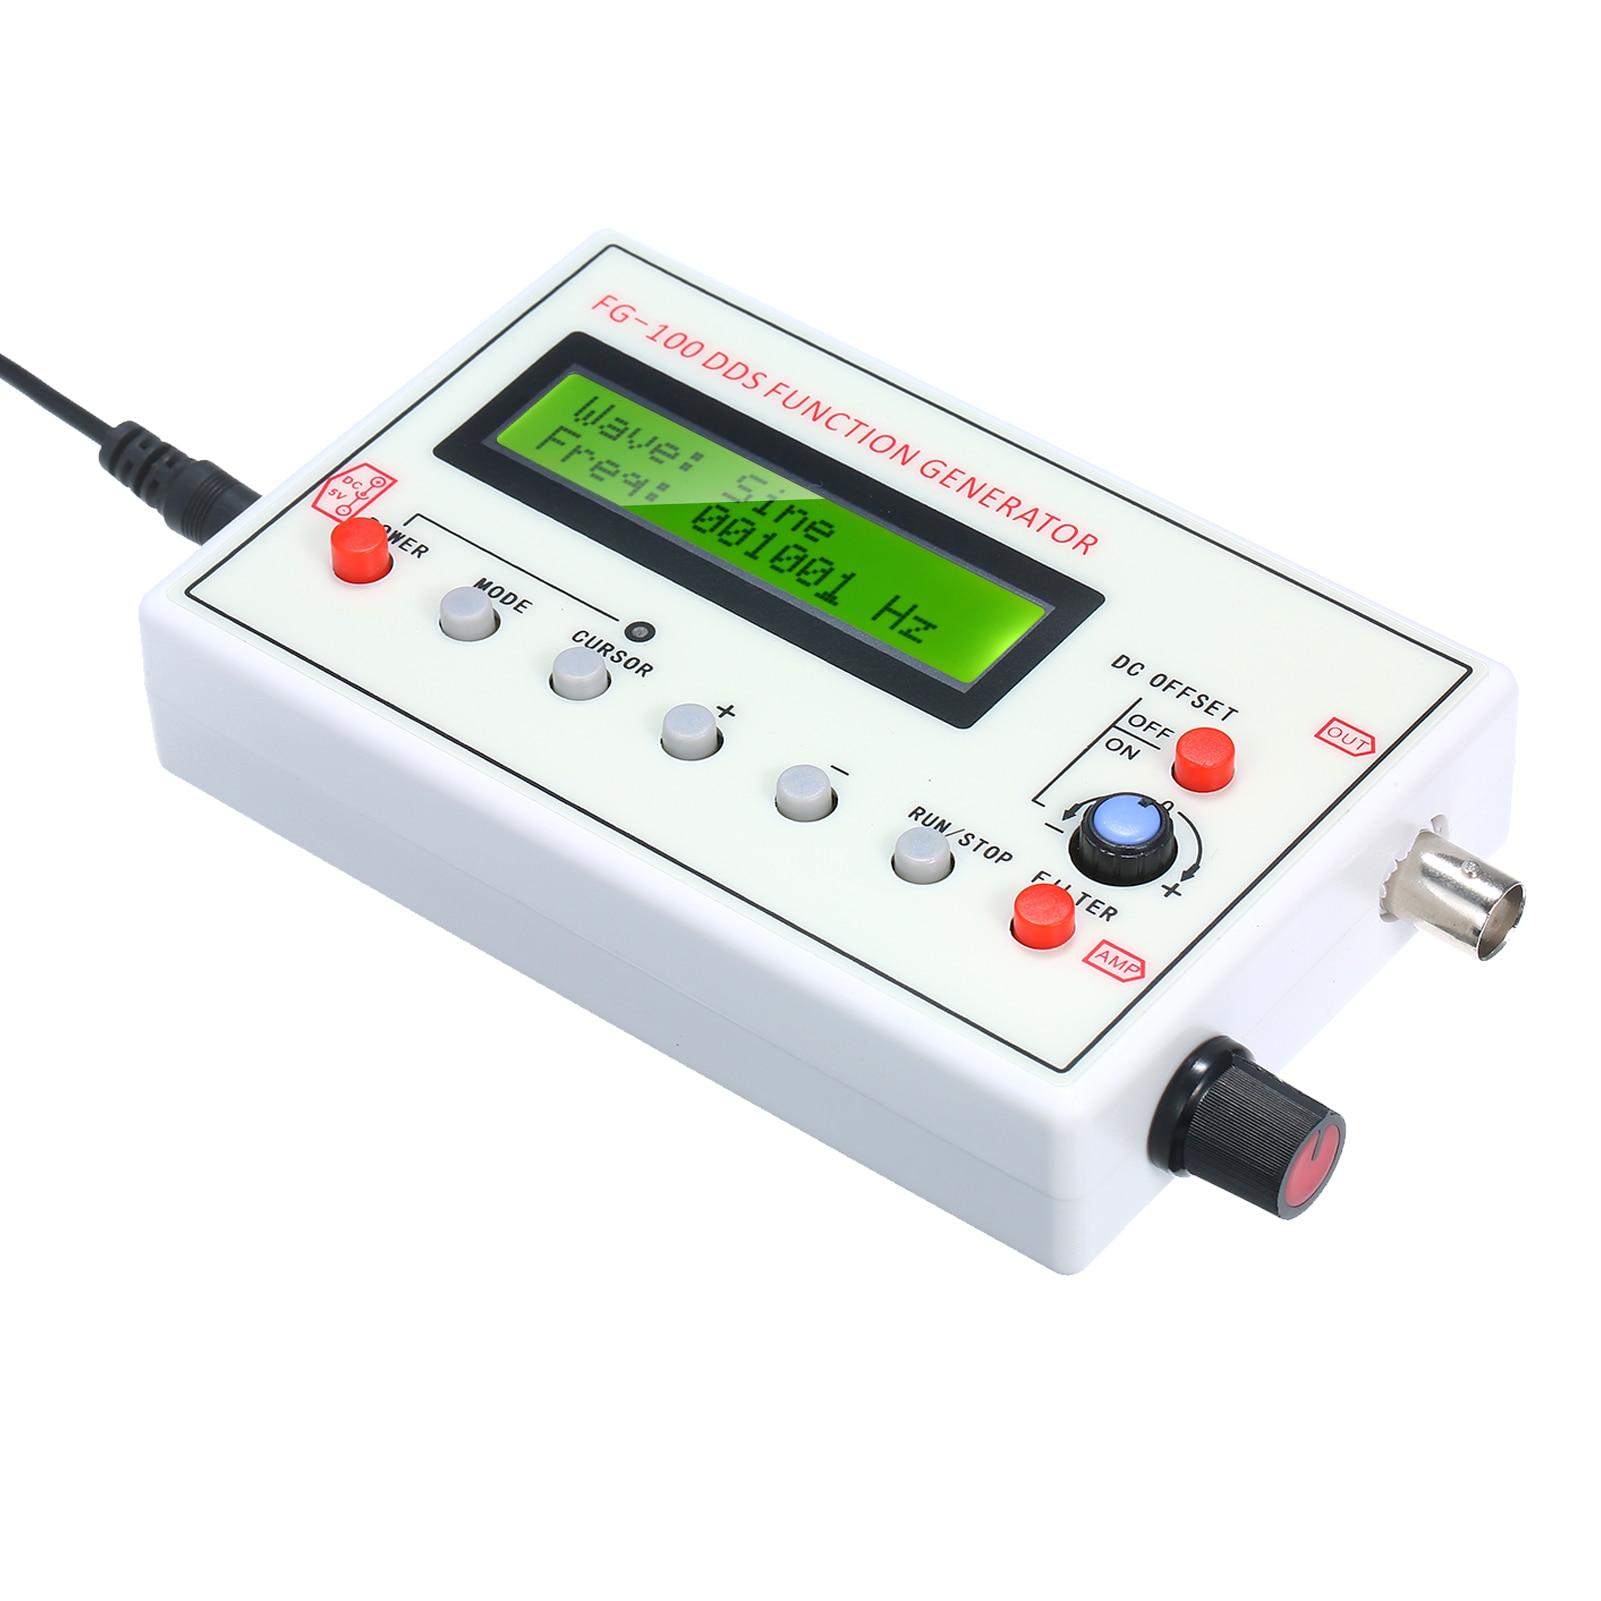 1HZ-500 кГц FG-100 DDS генератор сигналов Генератор частоты синусоидальный сигнал прямоугольной Треугольники пилообразный сигнал